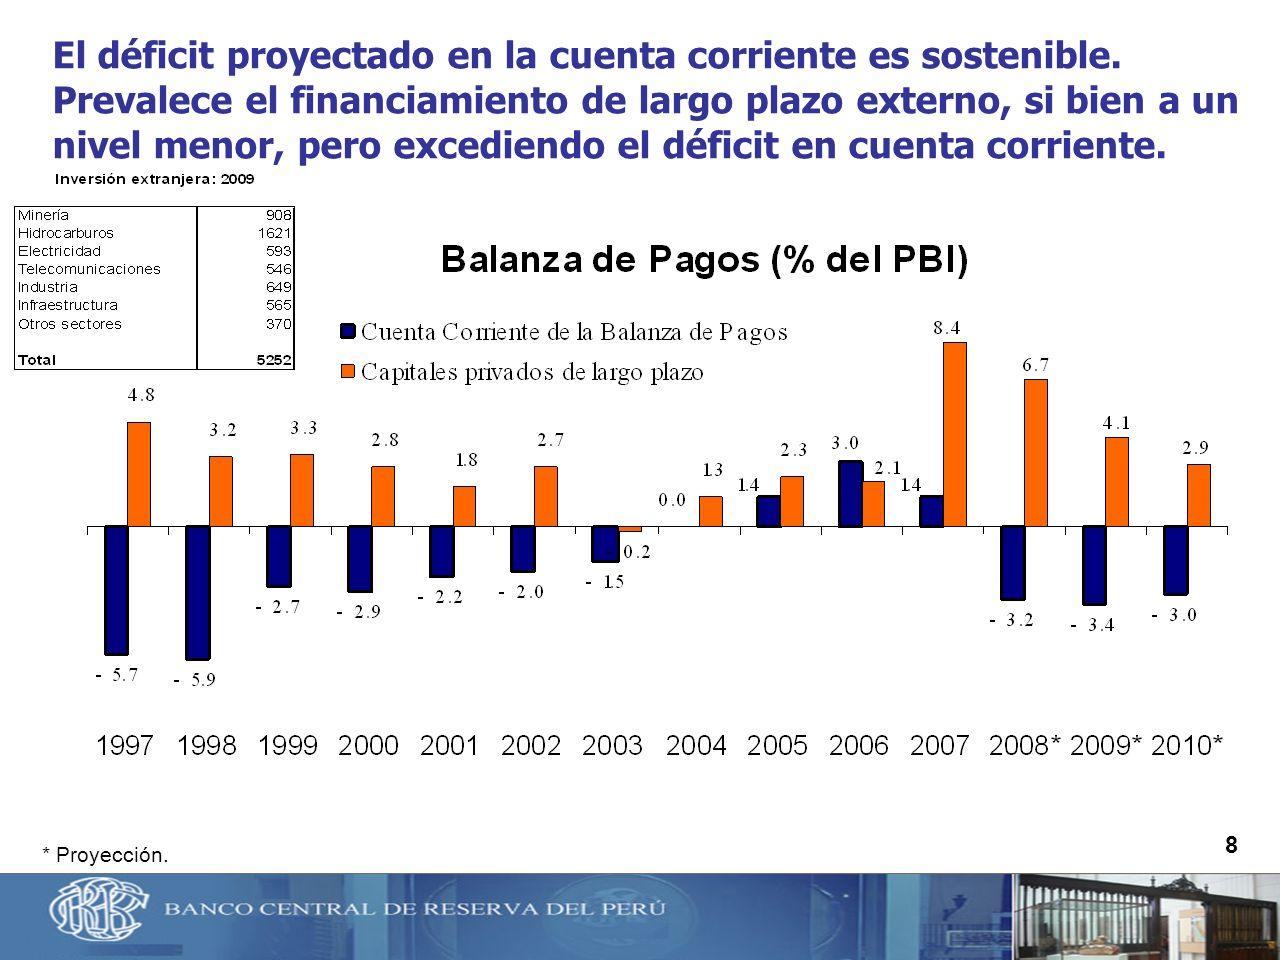 El déficit proyectado en la cuenta corriente es sostenible